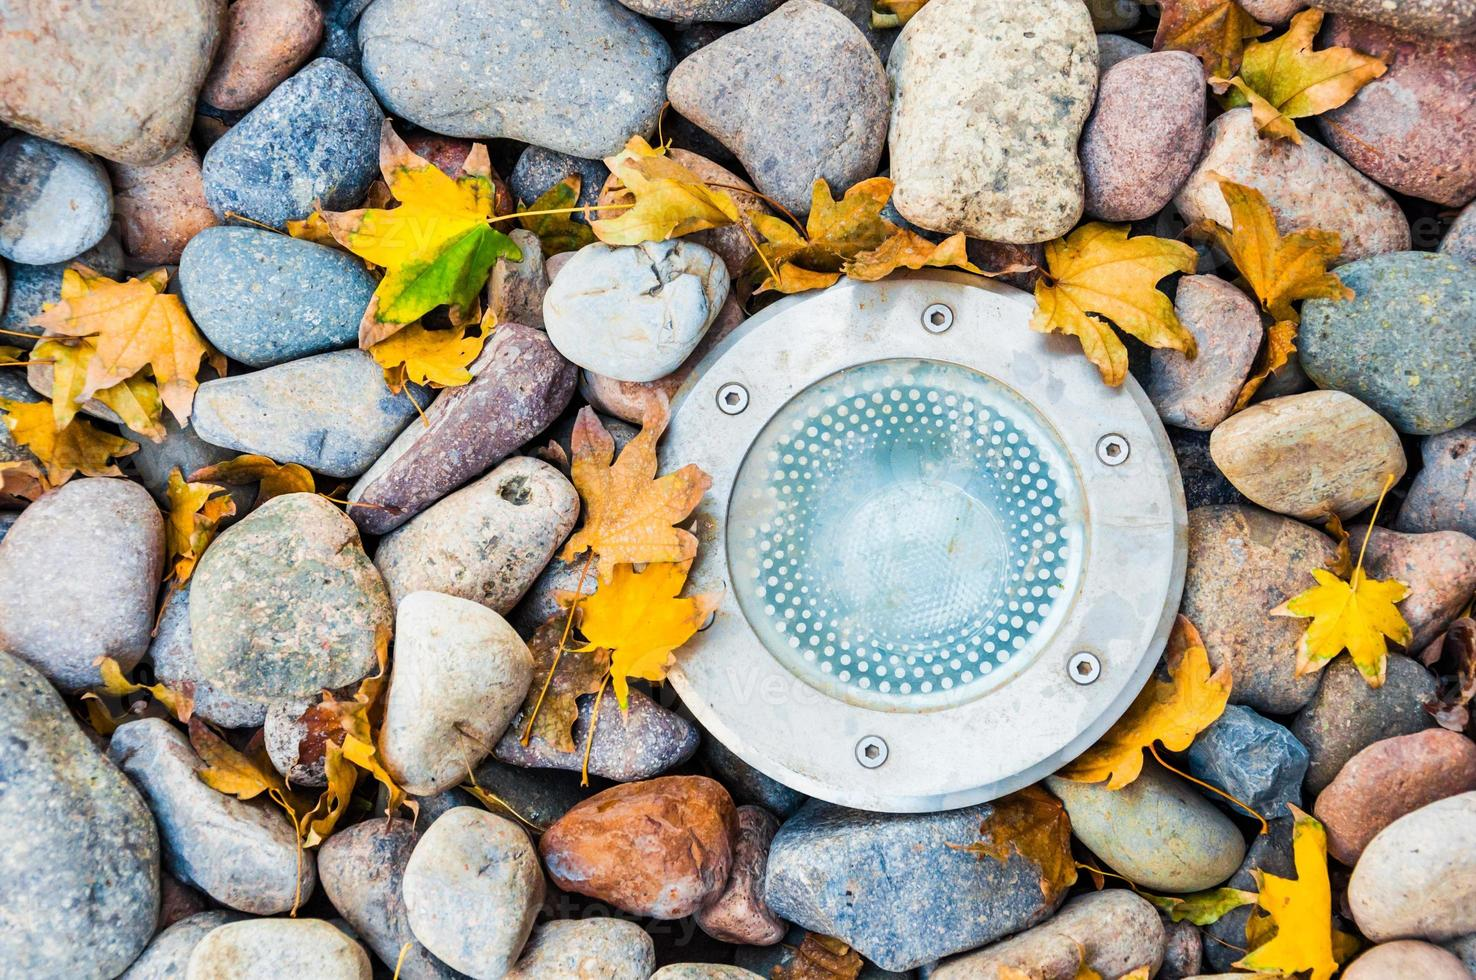 River stone photo